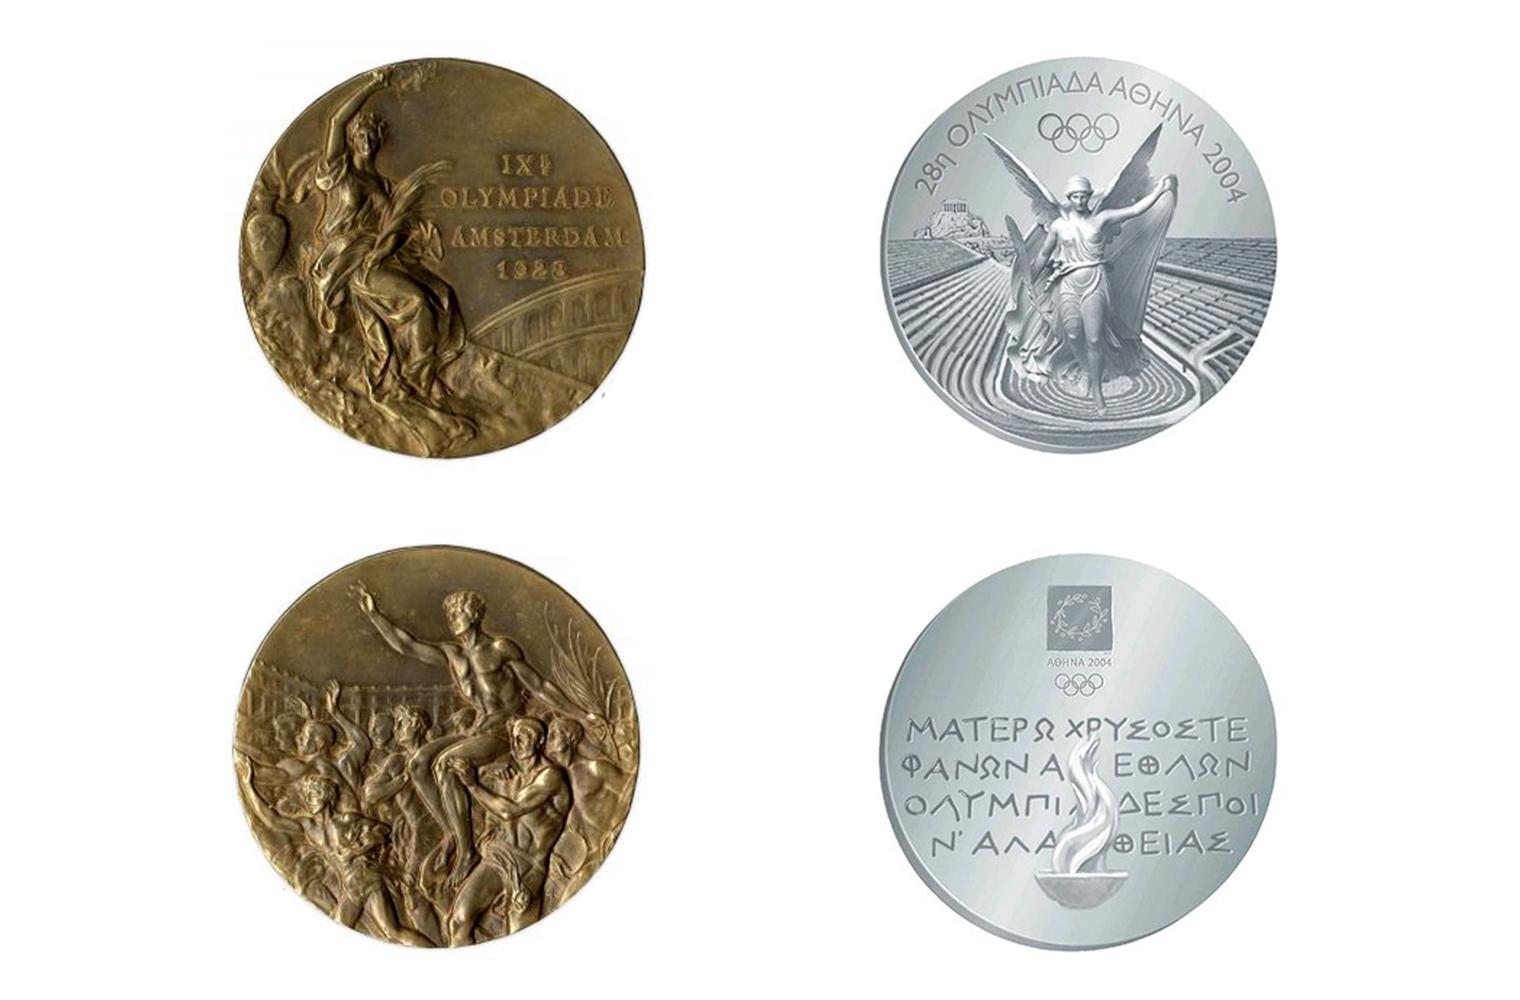 Дизайн Олимпийской медали с 1928 года и медаль Олимпийских игр в Афинах 2004 года